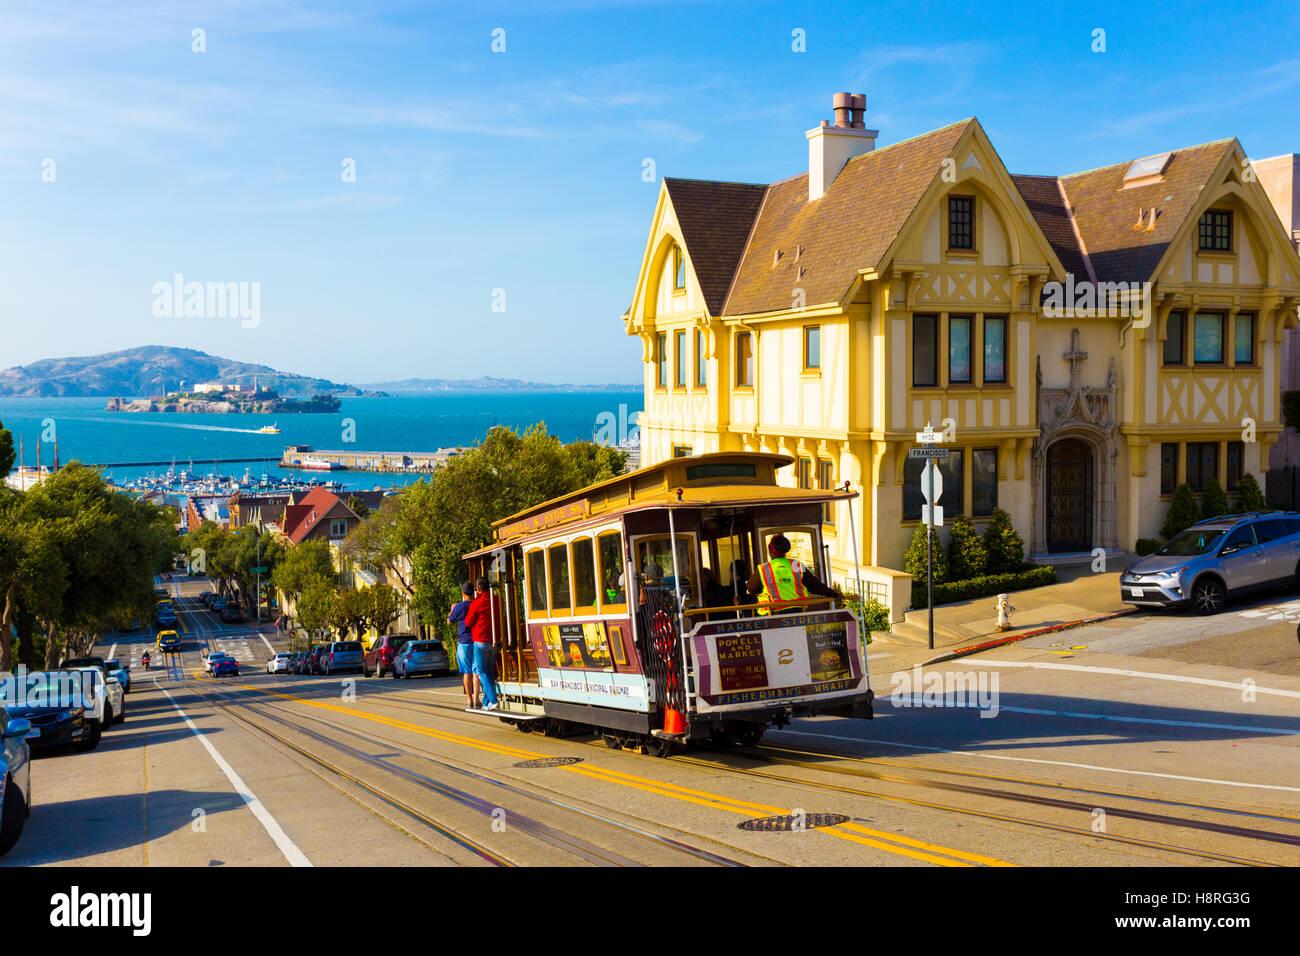 Vue panoramique combiné de San Francisco Bay avec Alcatraz, téléphérique, maisons victoriennes Photo Stock